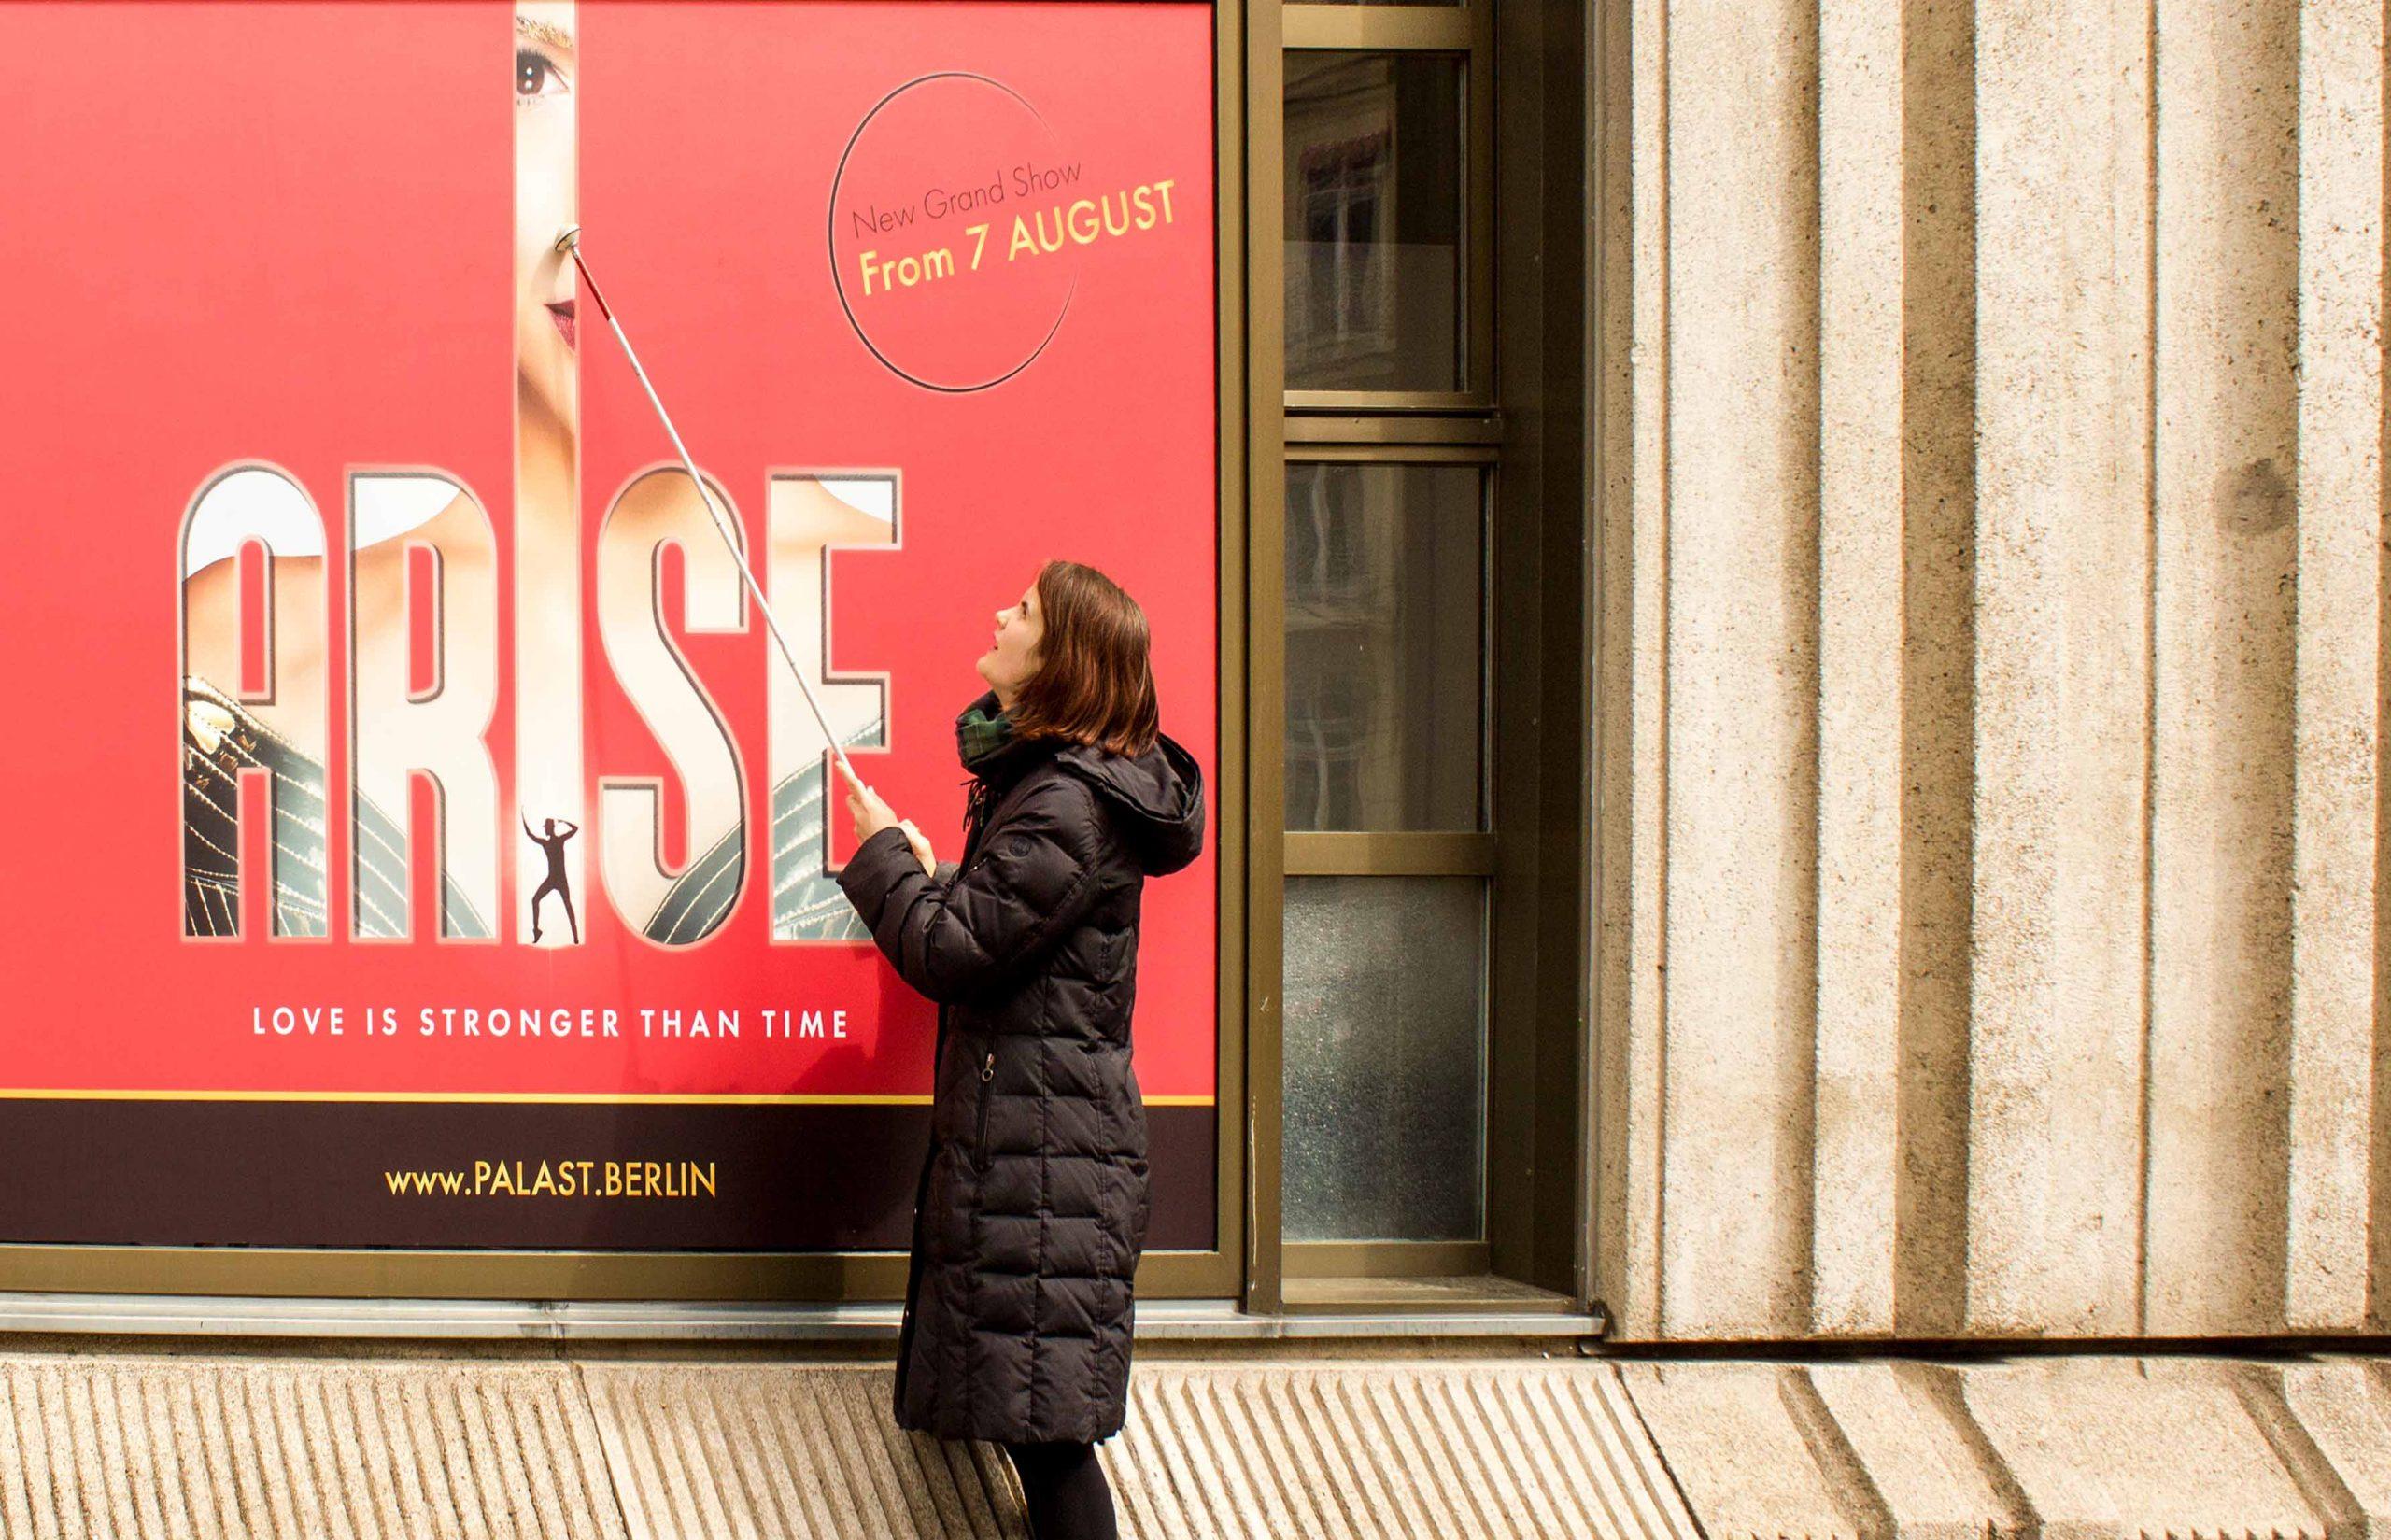 """© Christiane Reinsch: Lavinia steht vor dem Plakat am Friedrichstadt-Palast Berlin und zeigt mit ihrem Langstock auf den oberen Teil der Schrift des neuen Stücks """"Arise"""", die auf einem roten Hintergrund gesetzt ist."""